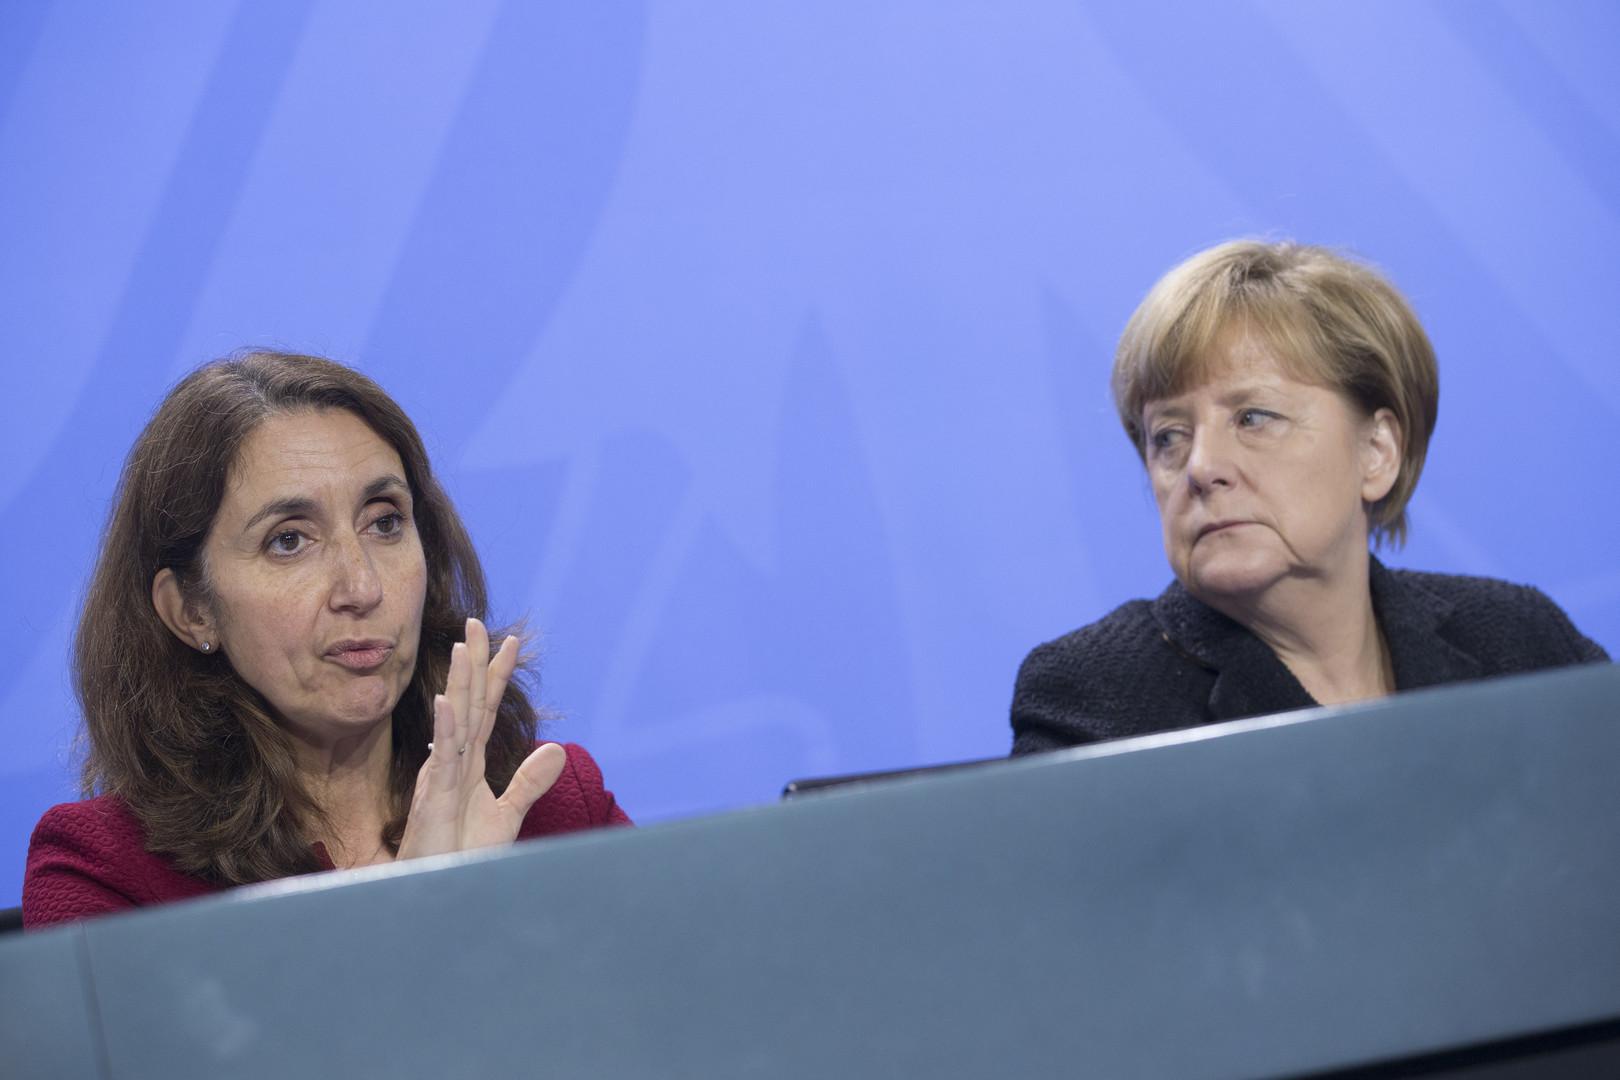 Un cadre de l'AfD parle de se «débarrasser en Anatolie» d'une ministre d'origine turque de Merkel